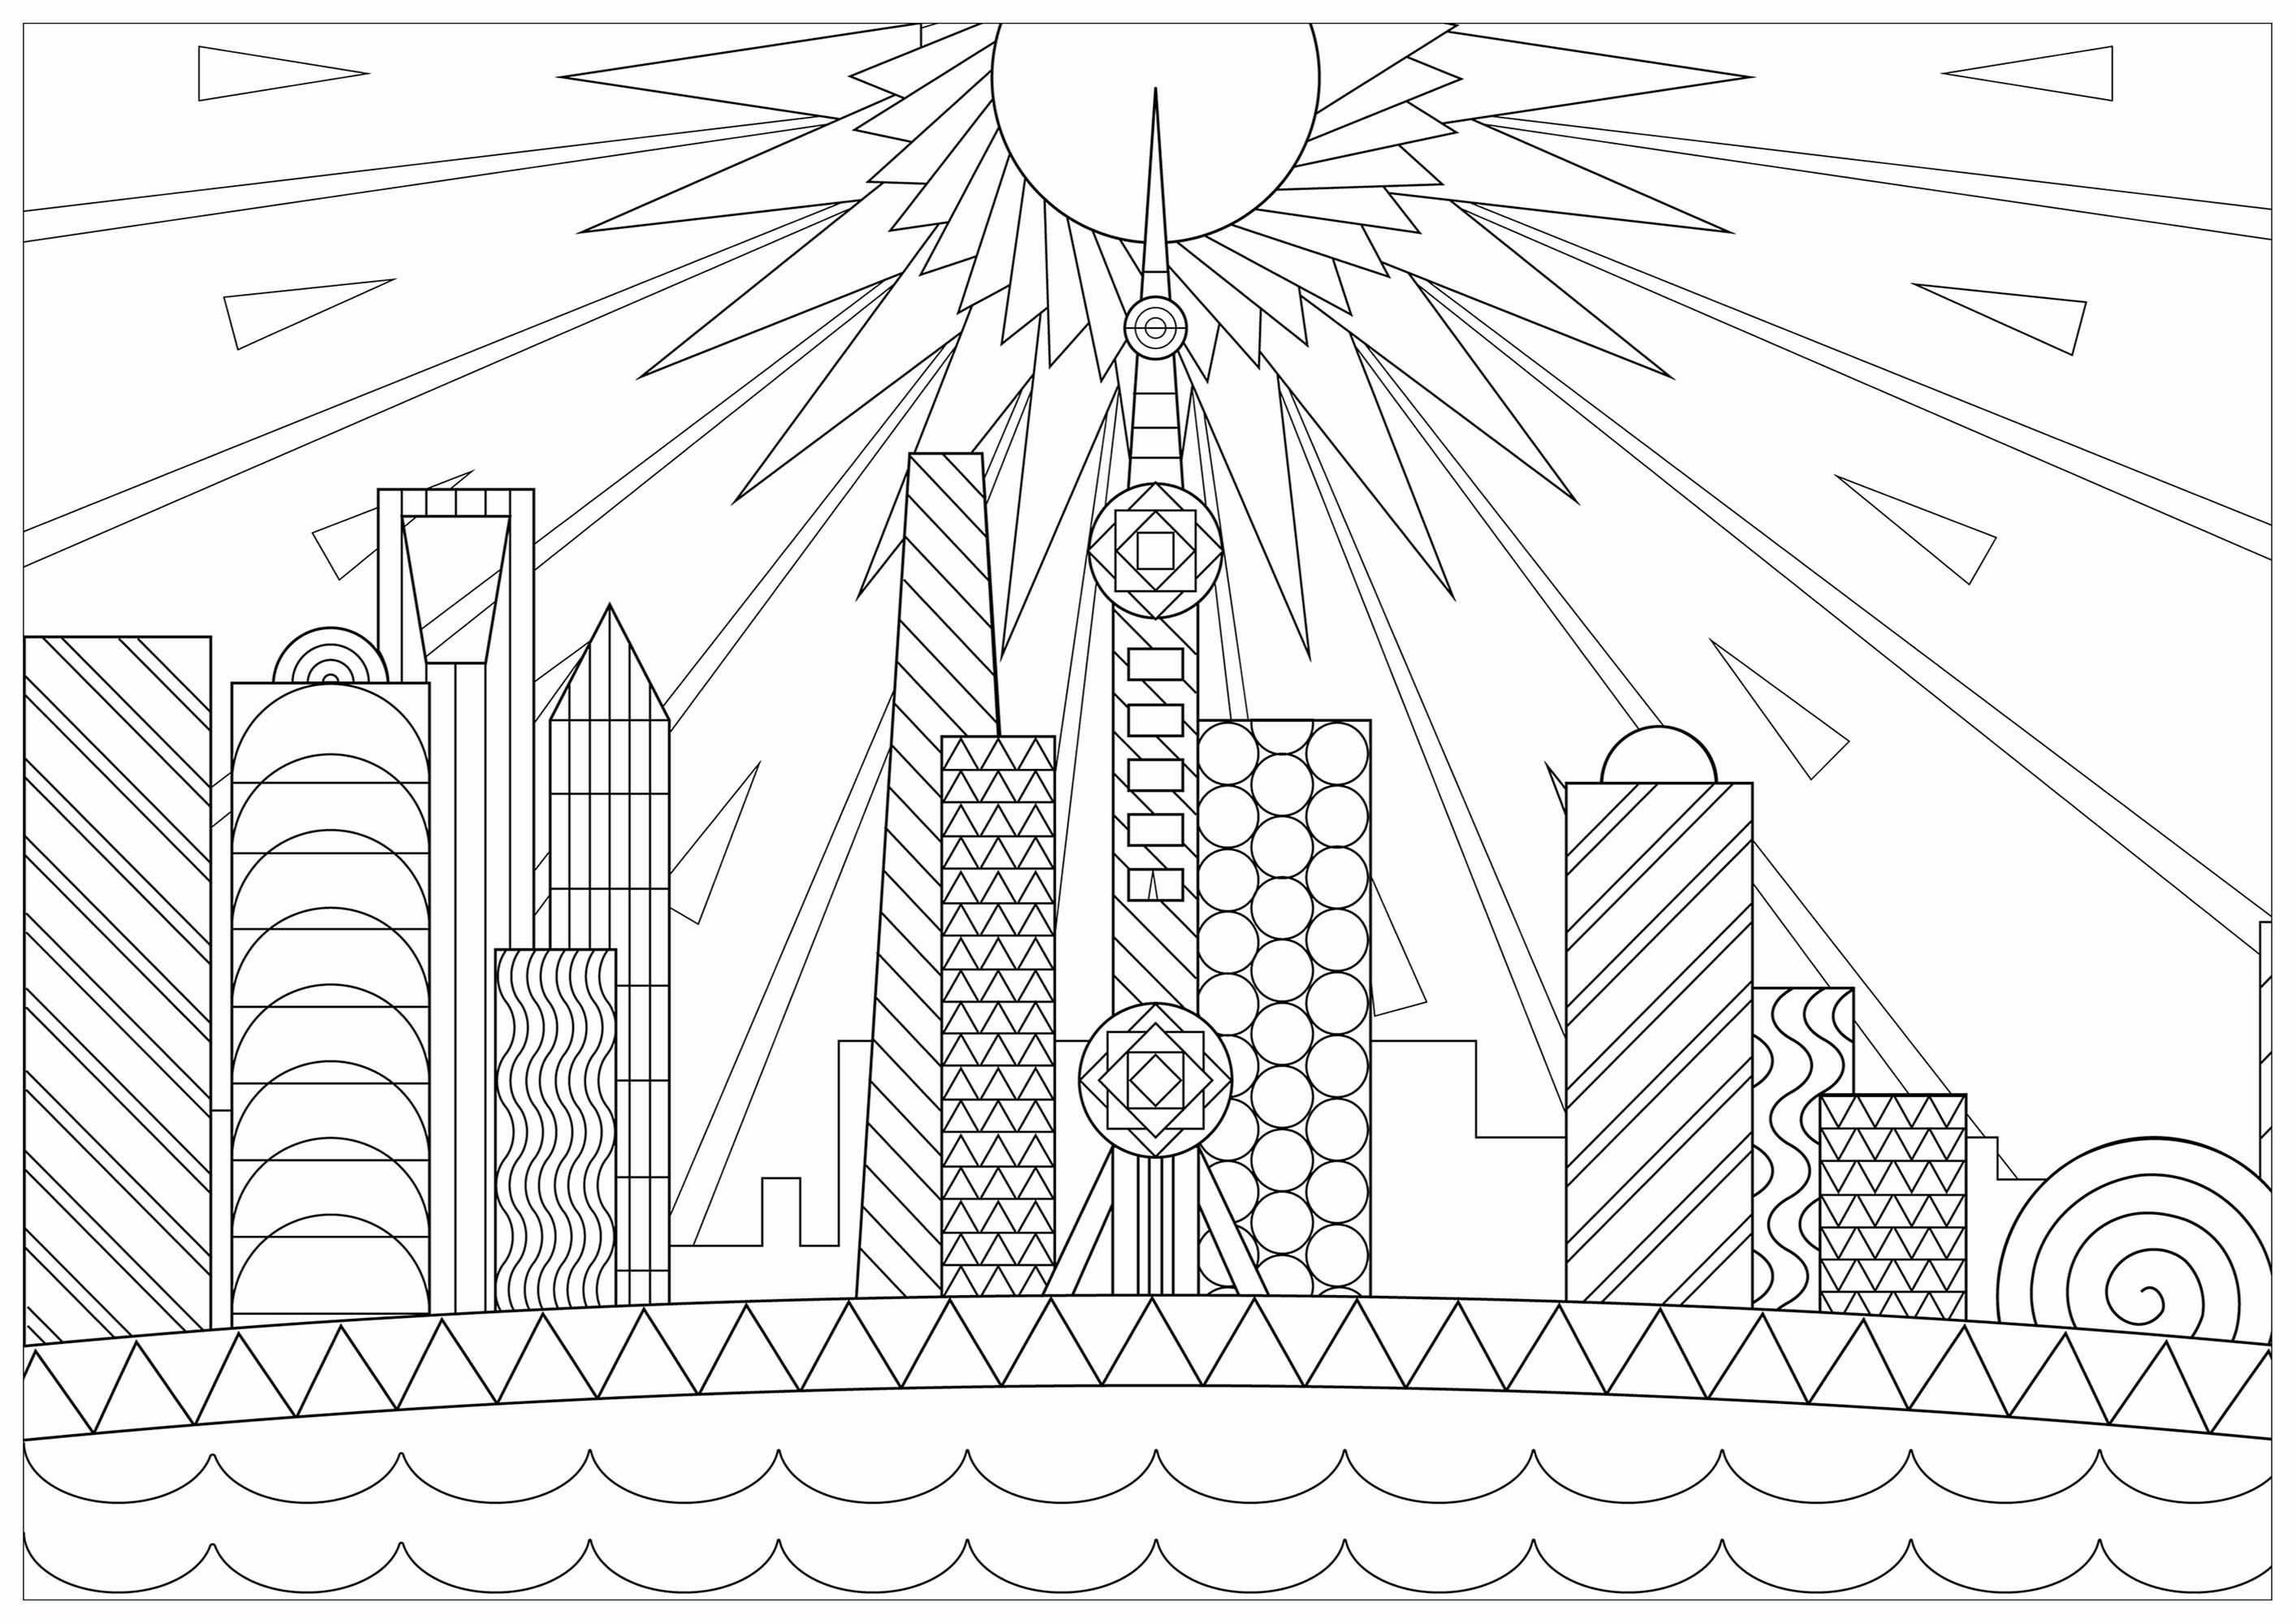 Shanghai est la plus grande ville de Chine par sa population et la deuxième ville la plus peuplée du monde. Coloriez cette belle vue de la ville, avec un magnifique soleil en arrière-plan.